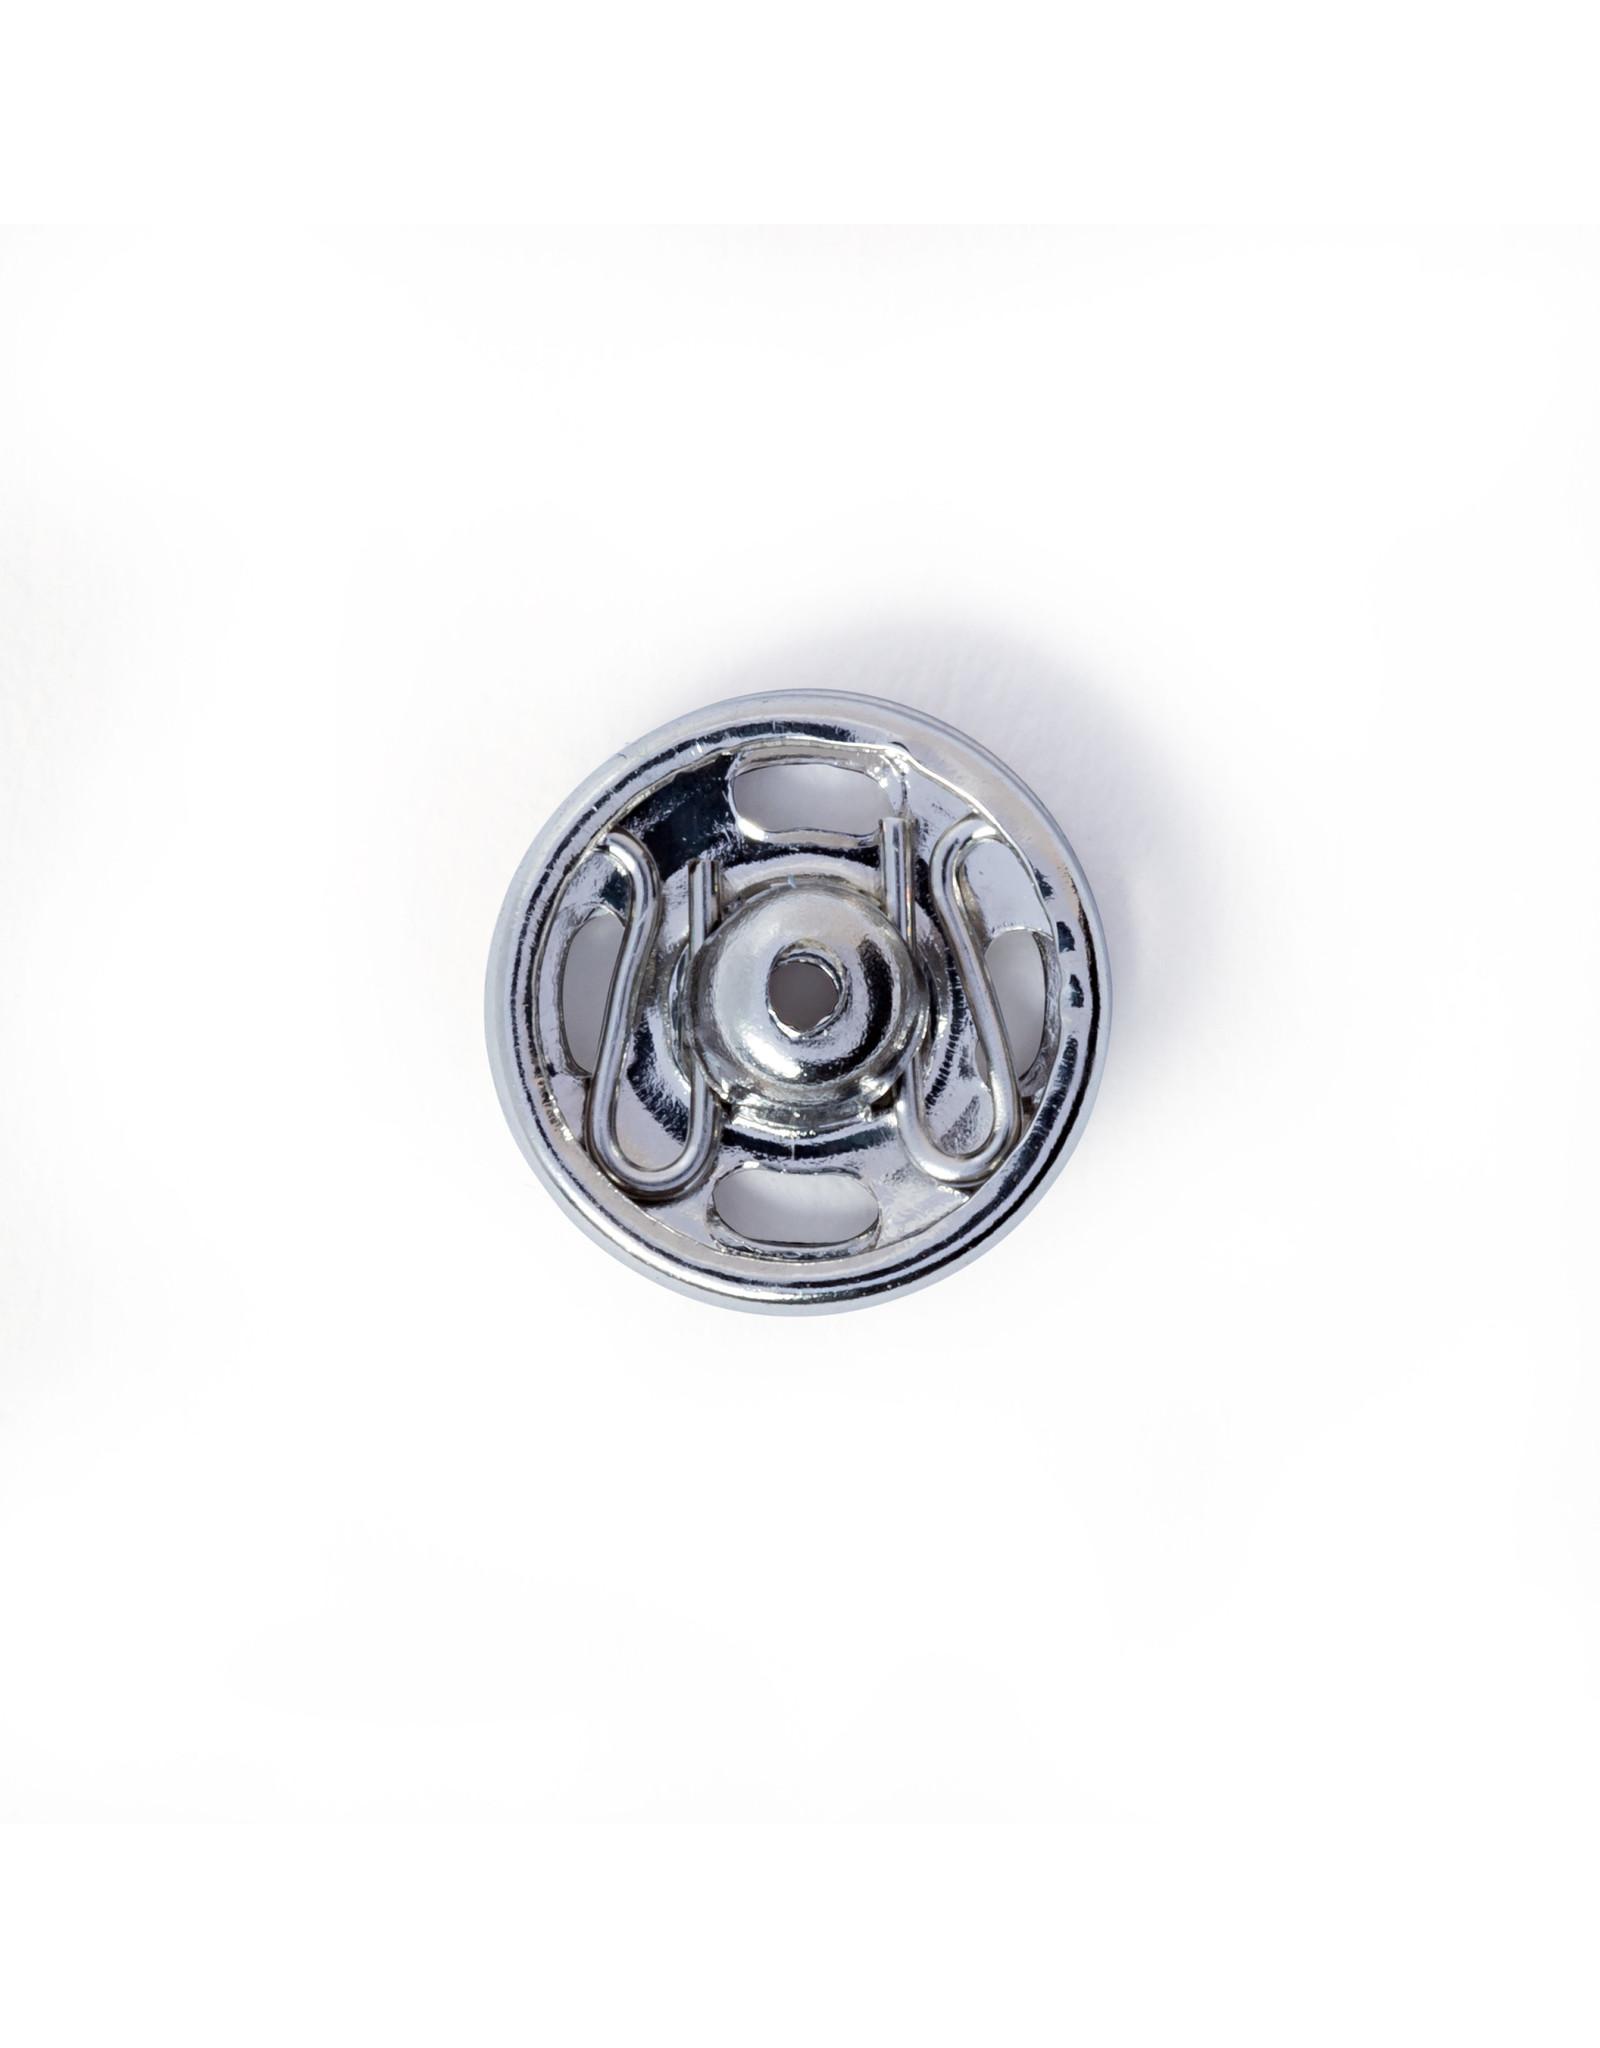 Prym Aannaaidrukknopen MS 9 mm zilverkleurig